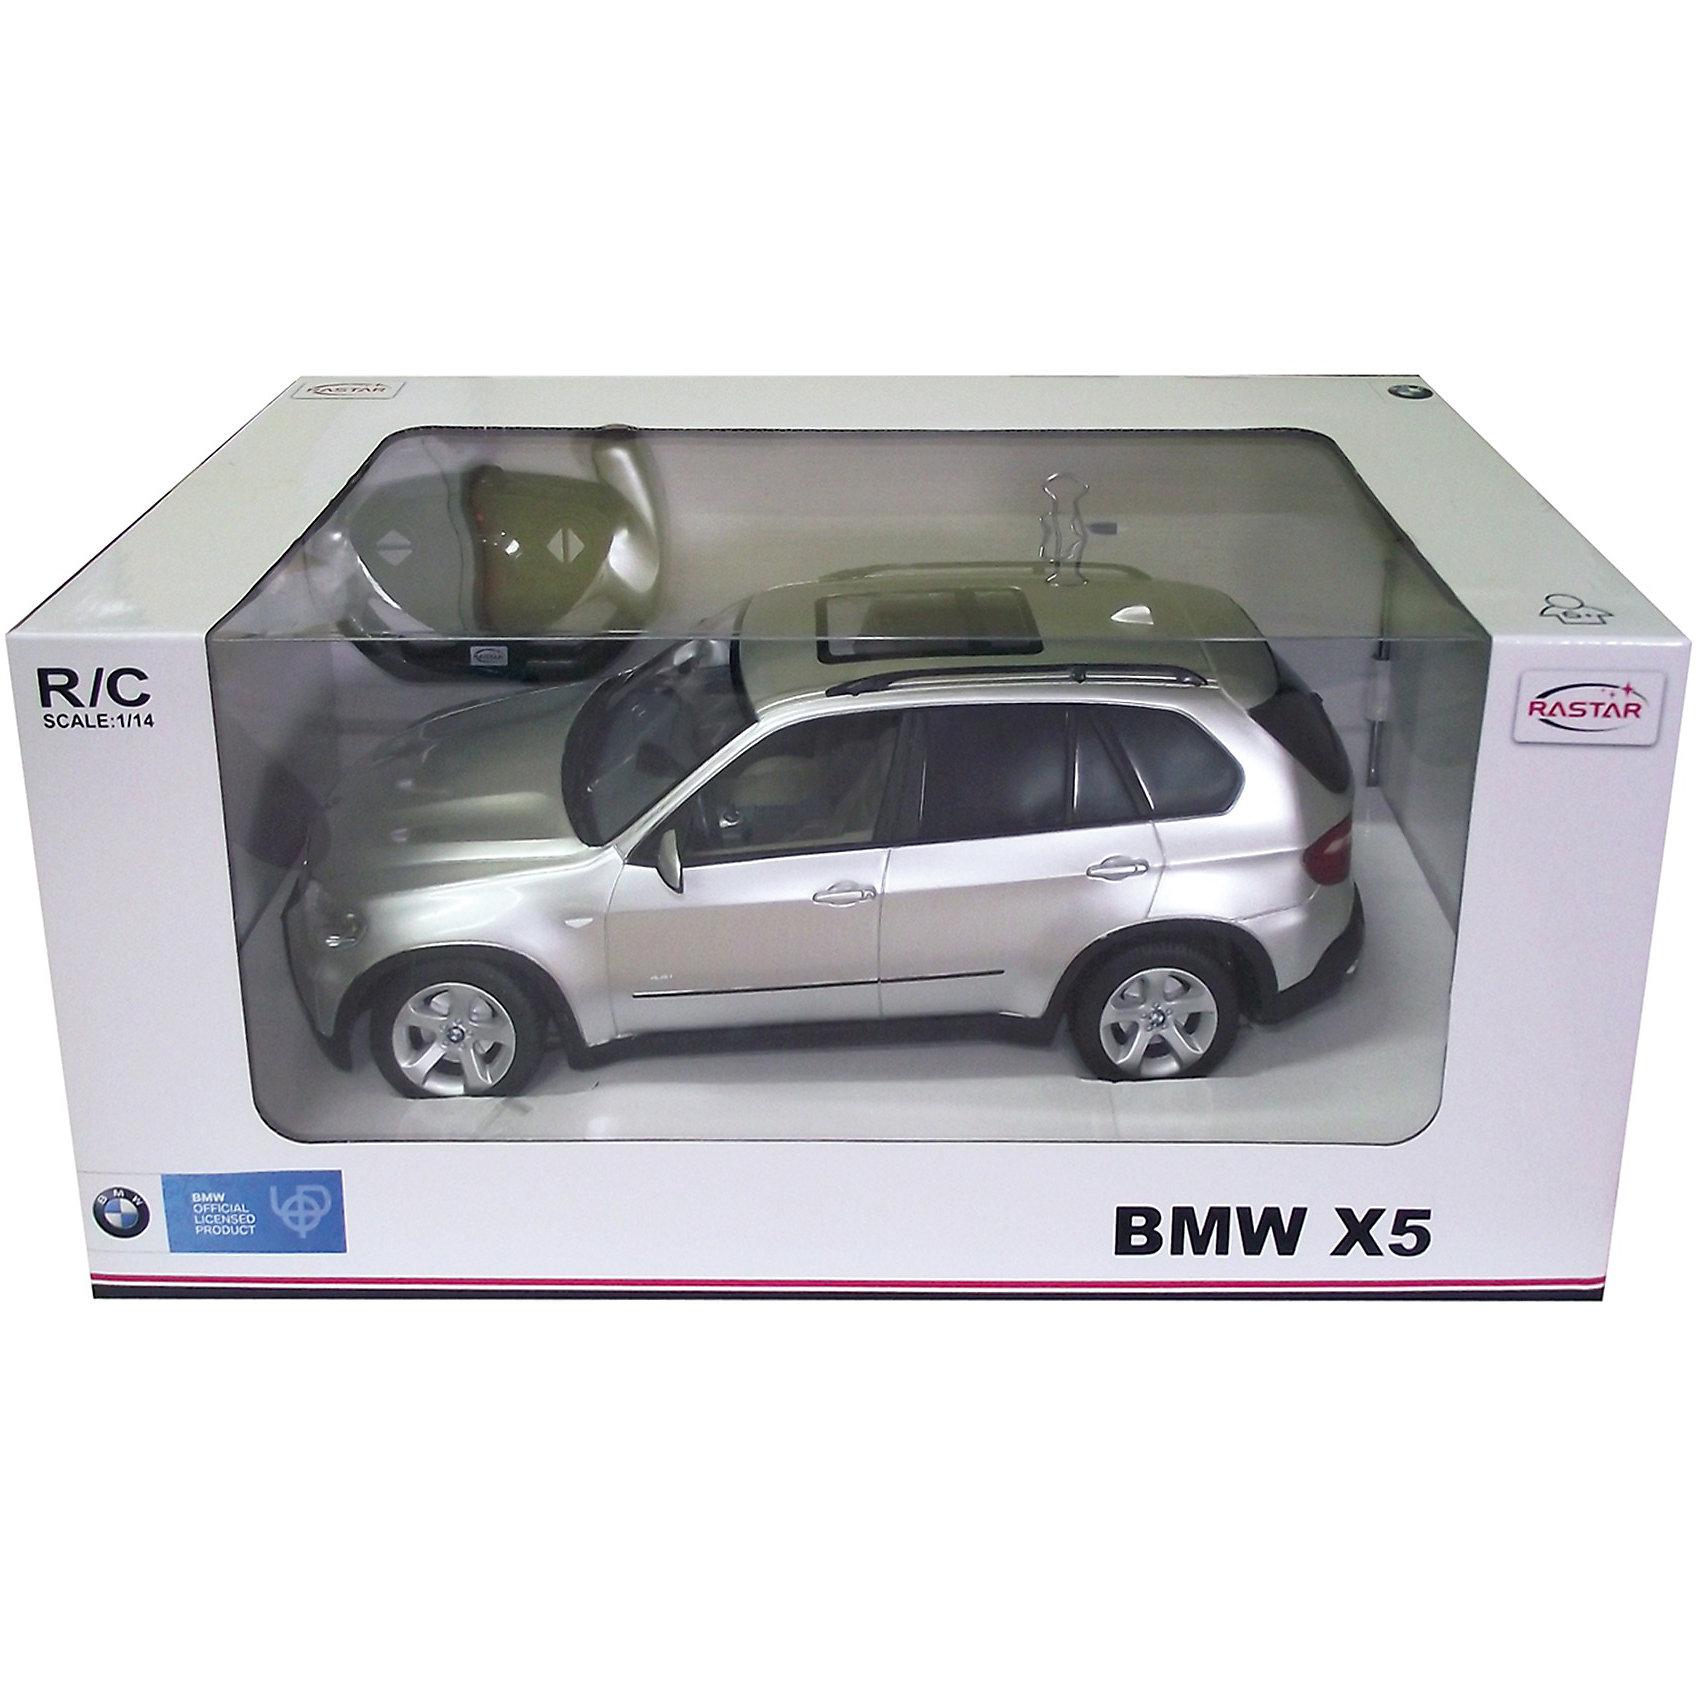 RASTAR Радиоуправляемая машина BMW X5 1:14Коллекционные модели<br>RASTAR Радиоуправляемая машина BMW X5 1:14 - игрушка, которая наверняка приведет в восторг вашего ребенка, ведь эта радиоуправляемая машина - уменьшенная копия настоящего БМВ! <br><br>Модель выполнена в масштабе 1:14.<br><br>Особенности игрушки:<br><br>- Работает на частоте: 27MHz; <br>- Движение вперед, назад, вправо, влево; <br>- Контроль управления: 15 - 45 метров; <br>- Развивает скорость до: 7 км/ч; <br>- Светятся фары. <br><br><br>Дополнительная информация:<br><br>- Для работы требуются батарейки: 5 Х АА (не входят в комплект).<br>- Материалы: пластик.<br>- Размер упаковки: 43х22,5х19,5 см.<br>- Вес: 1330 г.<br><br>Ширина мм: 430<br>Глубина мм: 225<br>Высота мм: 195<br>Вес г: 1330<br>Возраст от месяцев: 72<br>Возраст до месяцев: 1188<br>Пол: Мужской<br>Возраст: Детский<br>SKU: 2557183